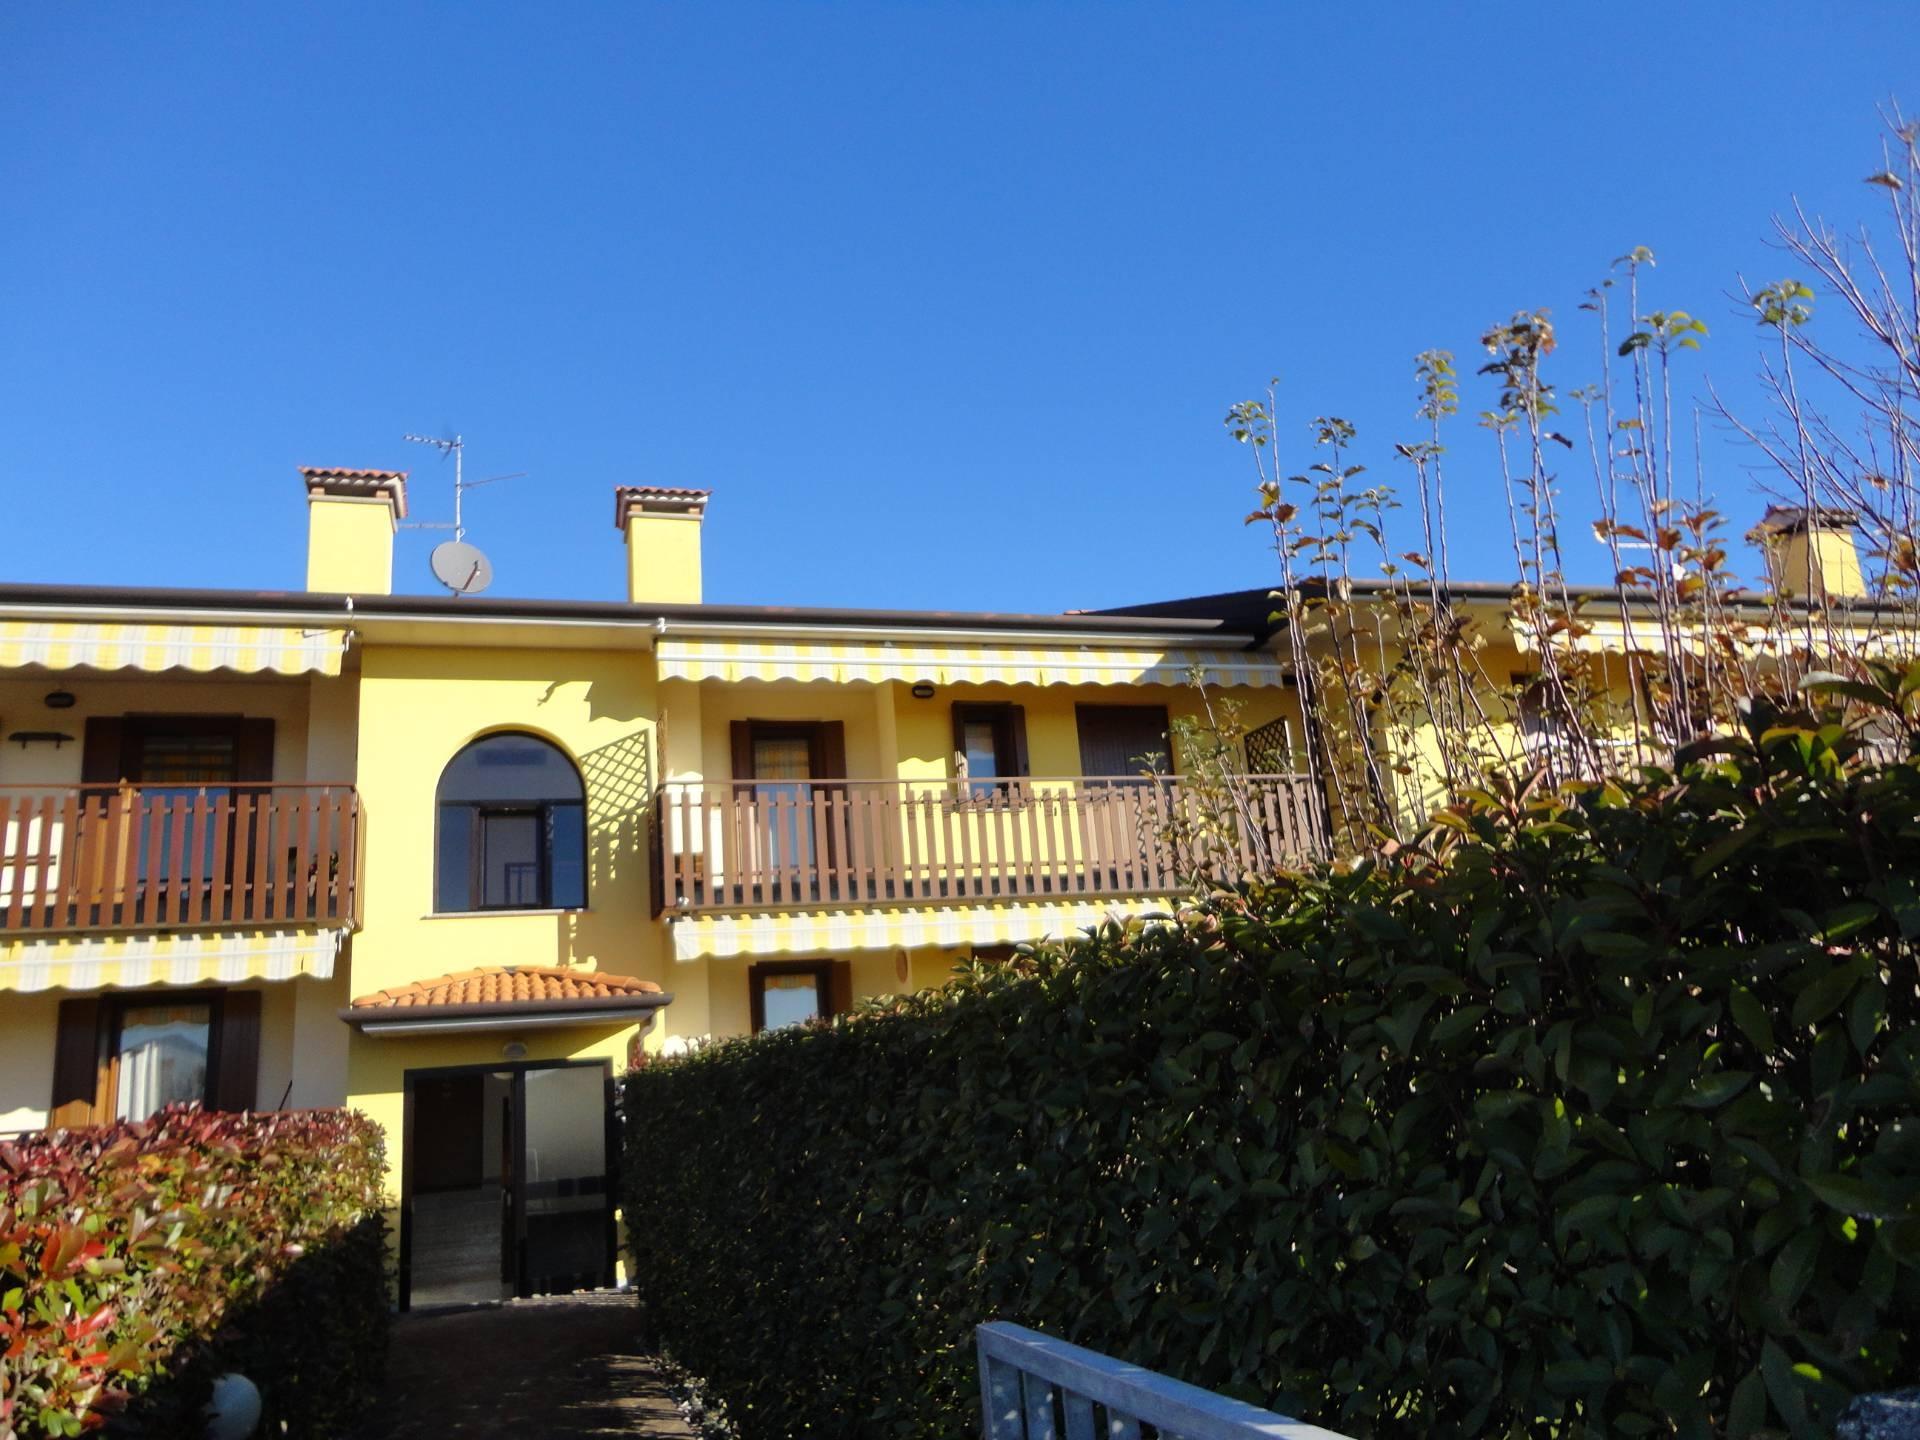 Appartamento in vendita a Buttrio, 6 locali, prezzo € 160.000 | CambioCasa.it